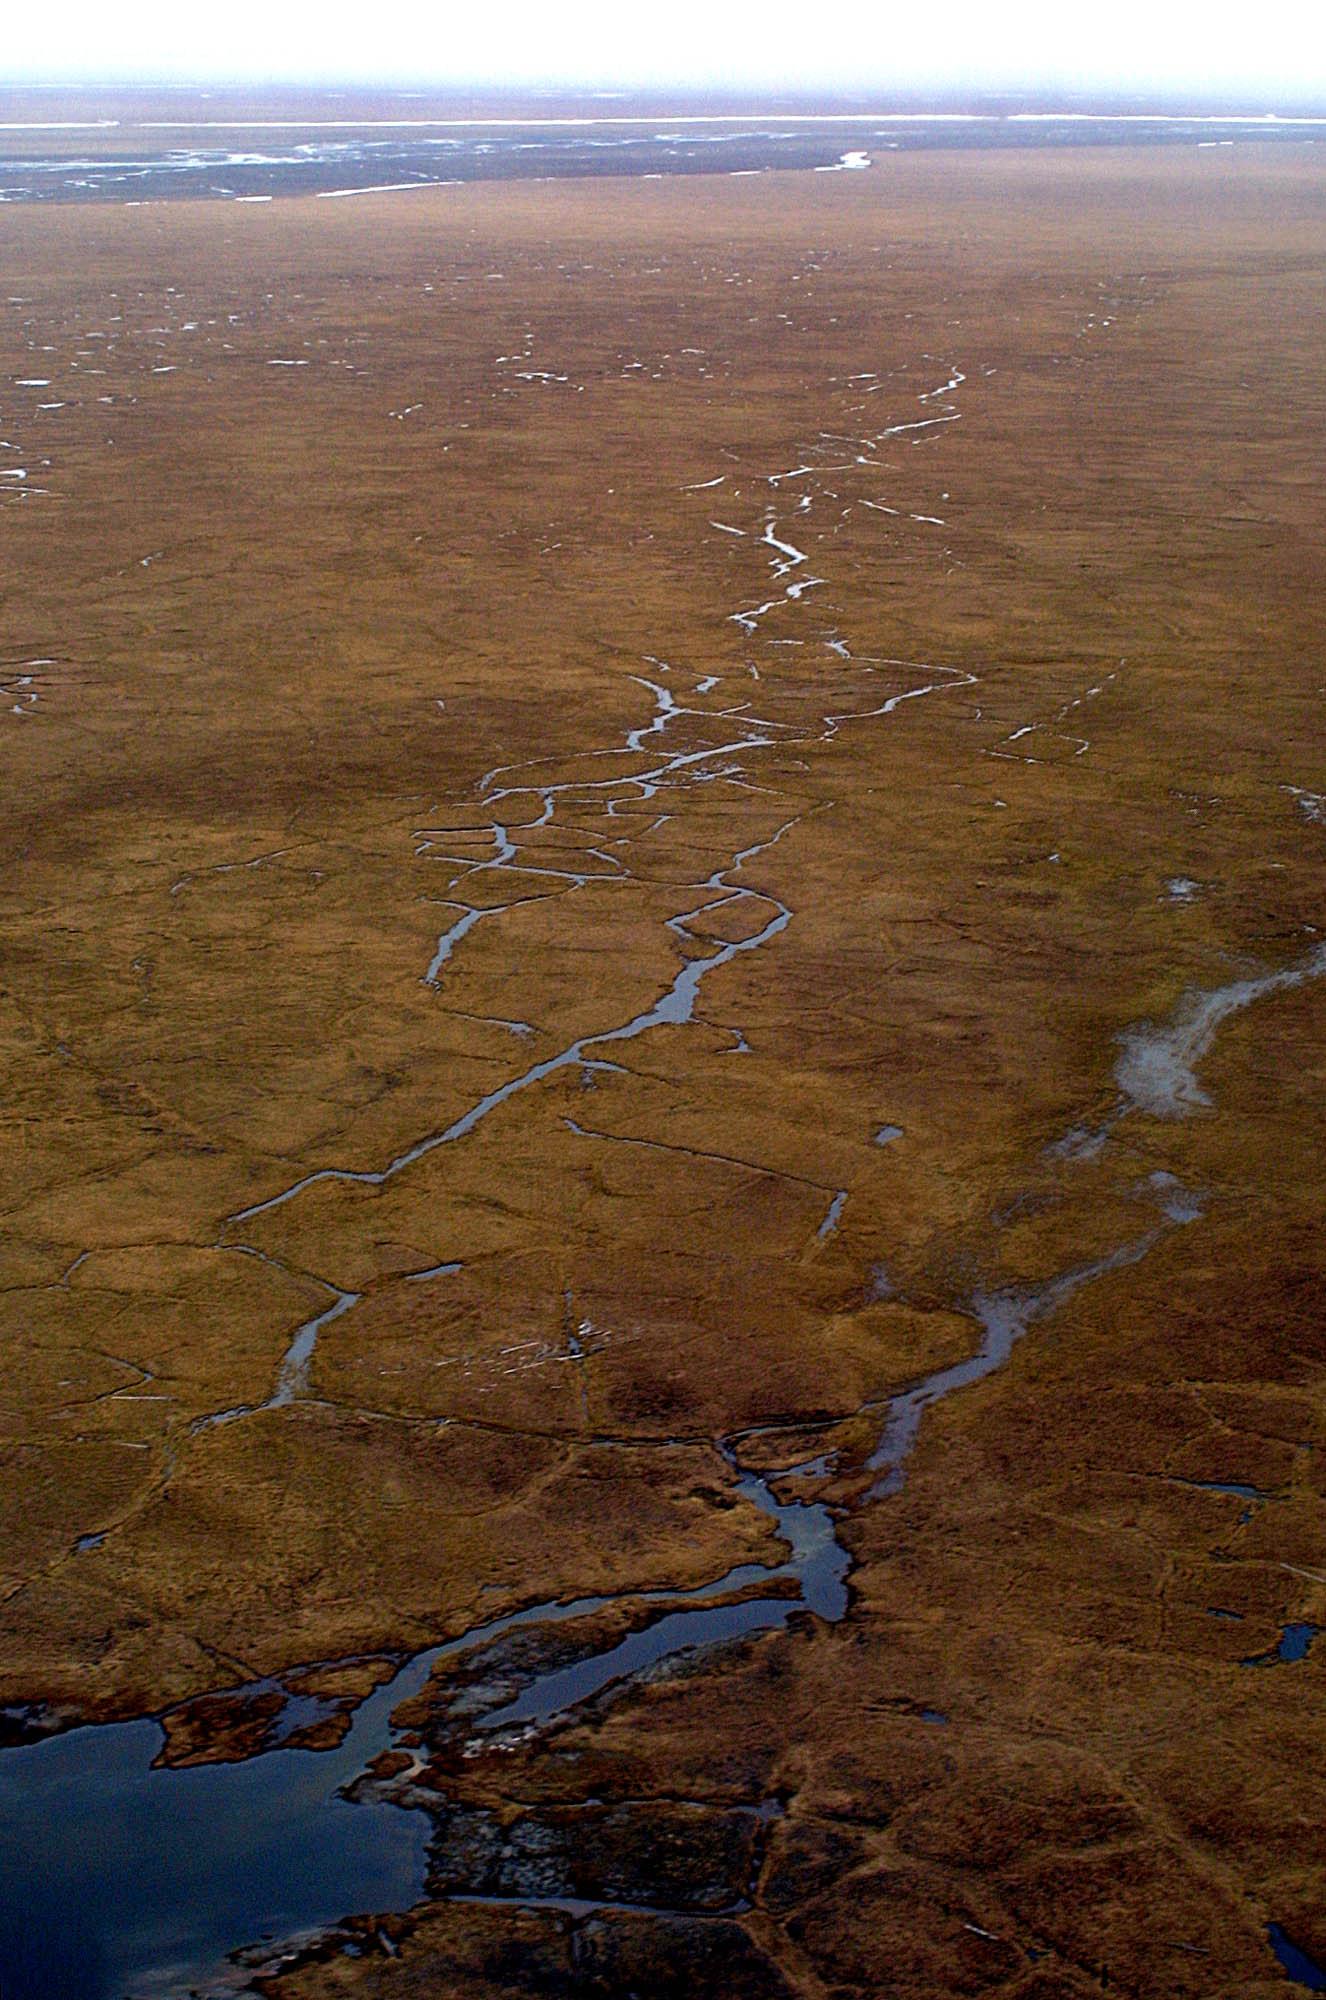 Obama seeks bigger wilderness designation in Alaska refuge